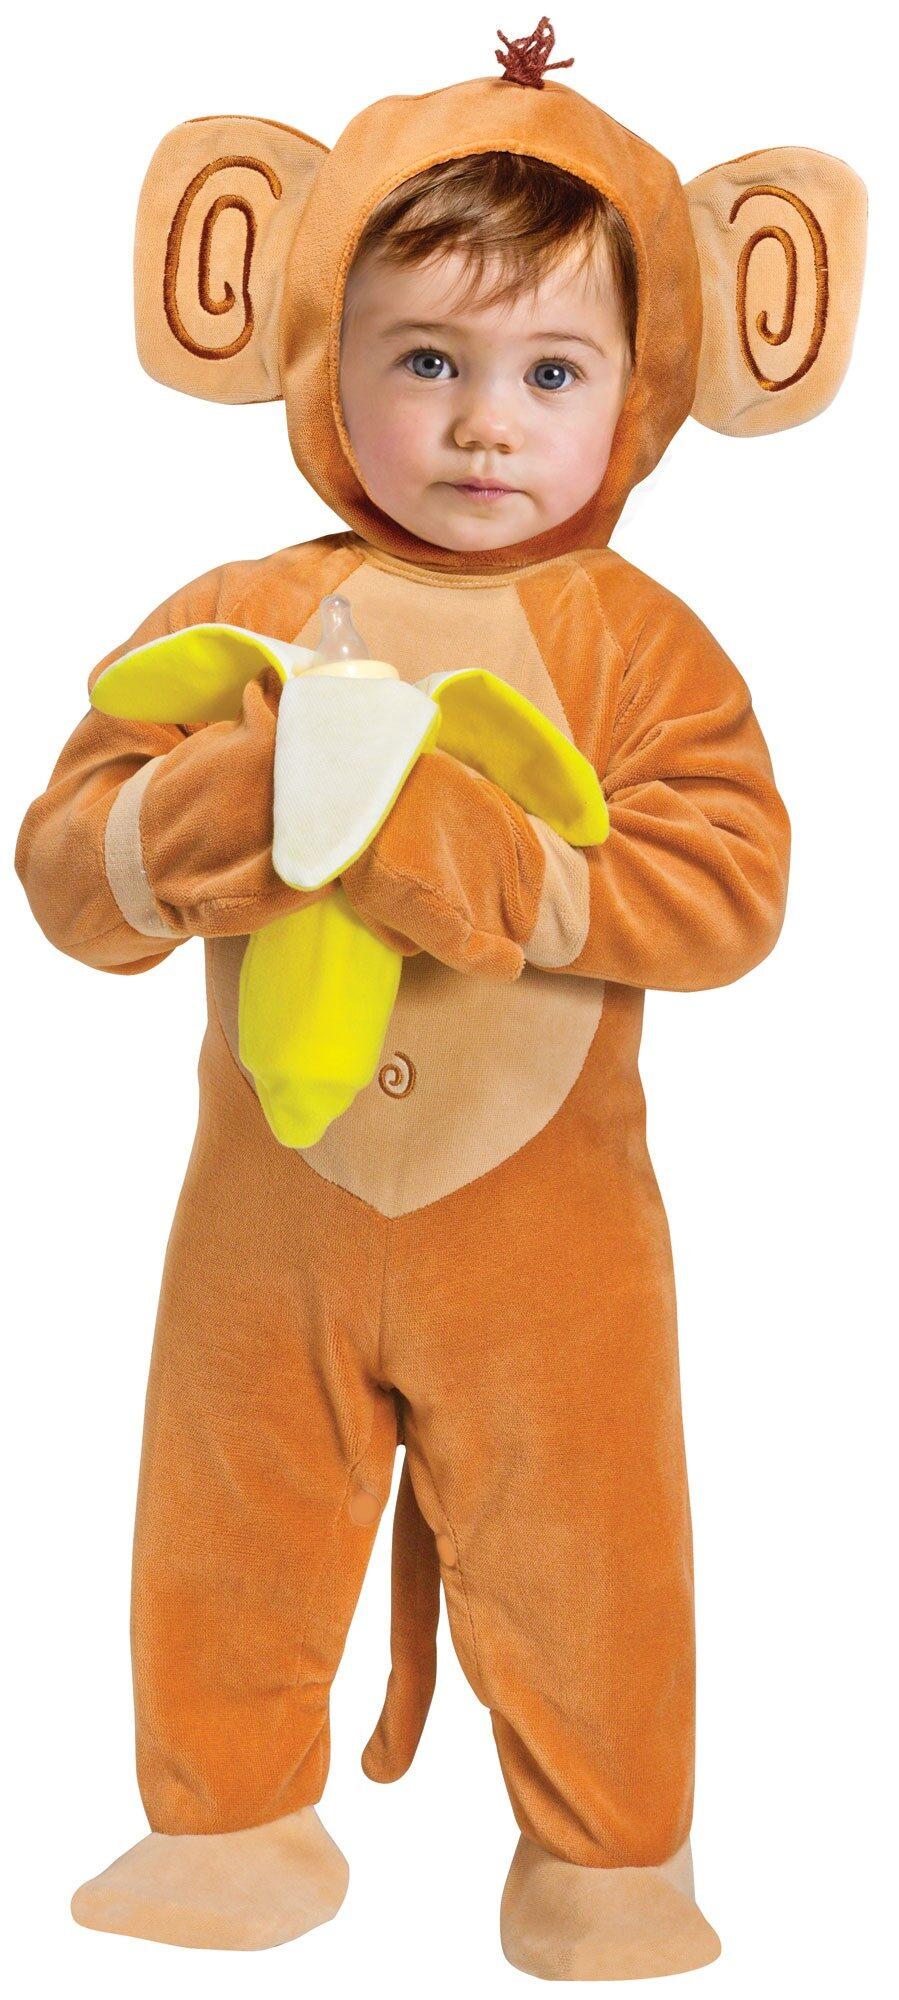 Going Bananas Monkey Baby Costume - Mr. Costumes